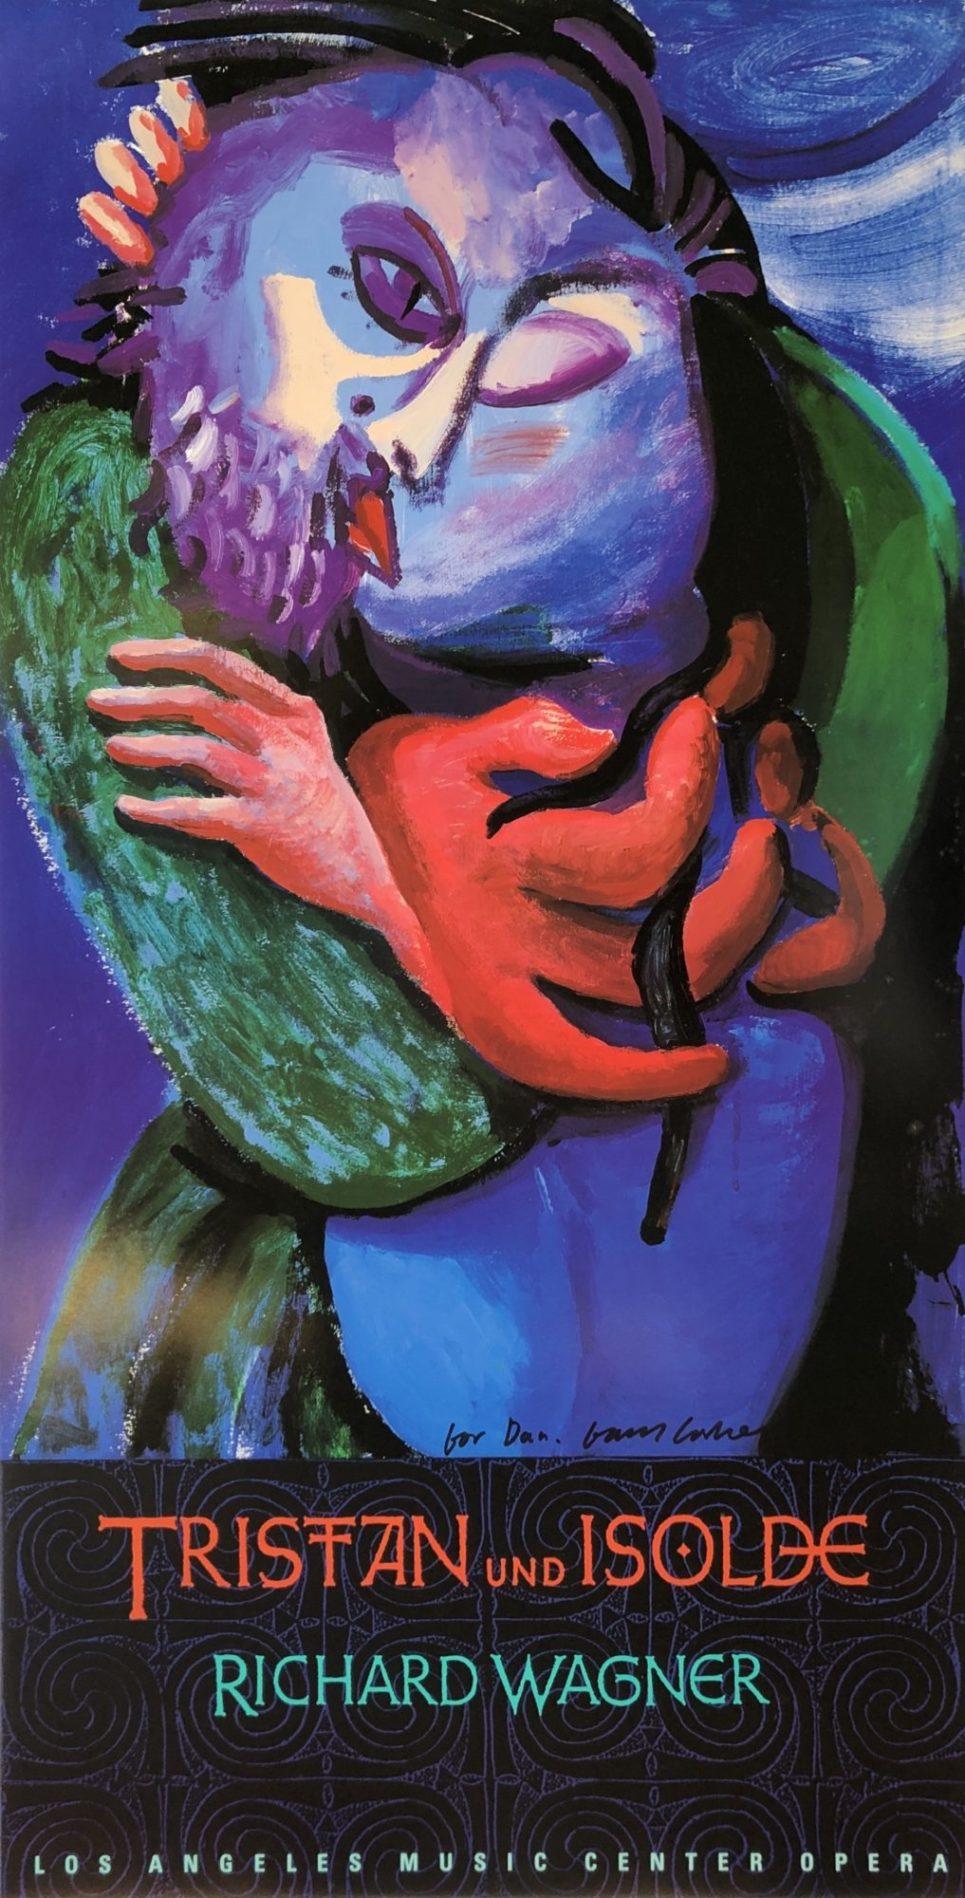 David Hockney - Tristan und Isolde